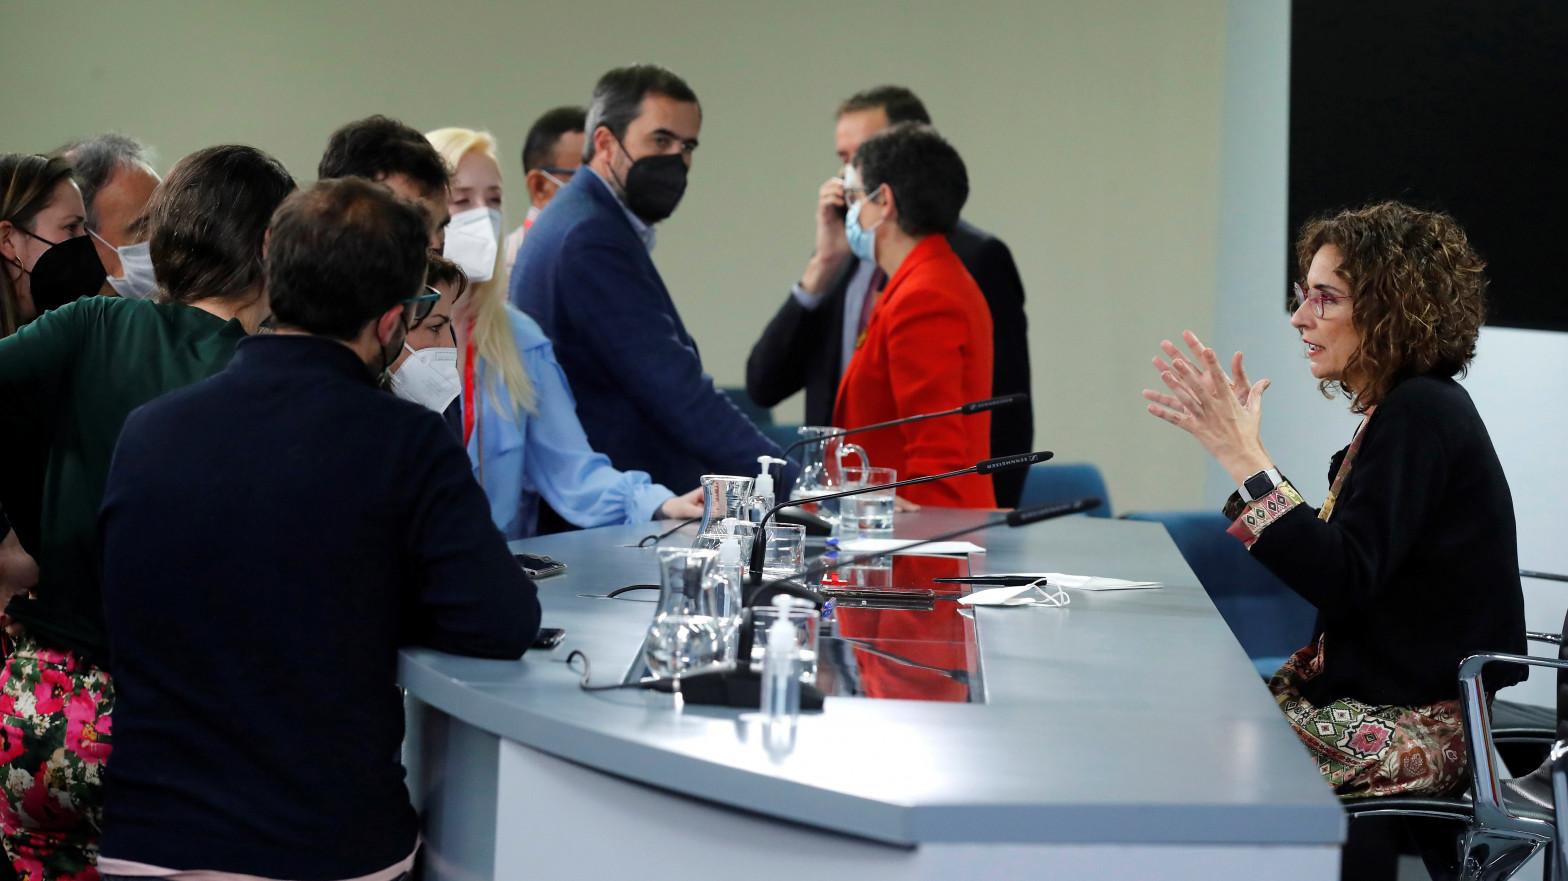 El Gobierno pide un cordón sanitario a VOX pero elude responder por sus pactos con Bildu